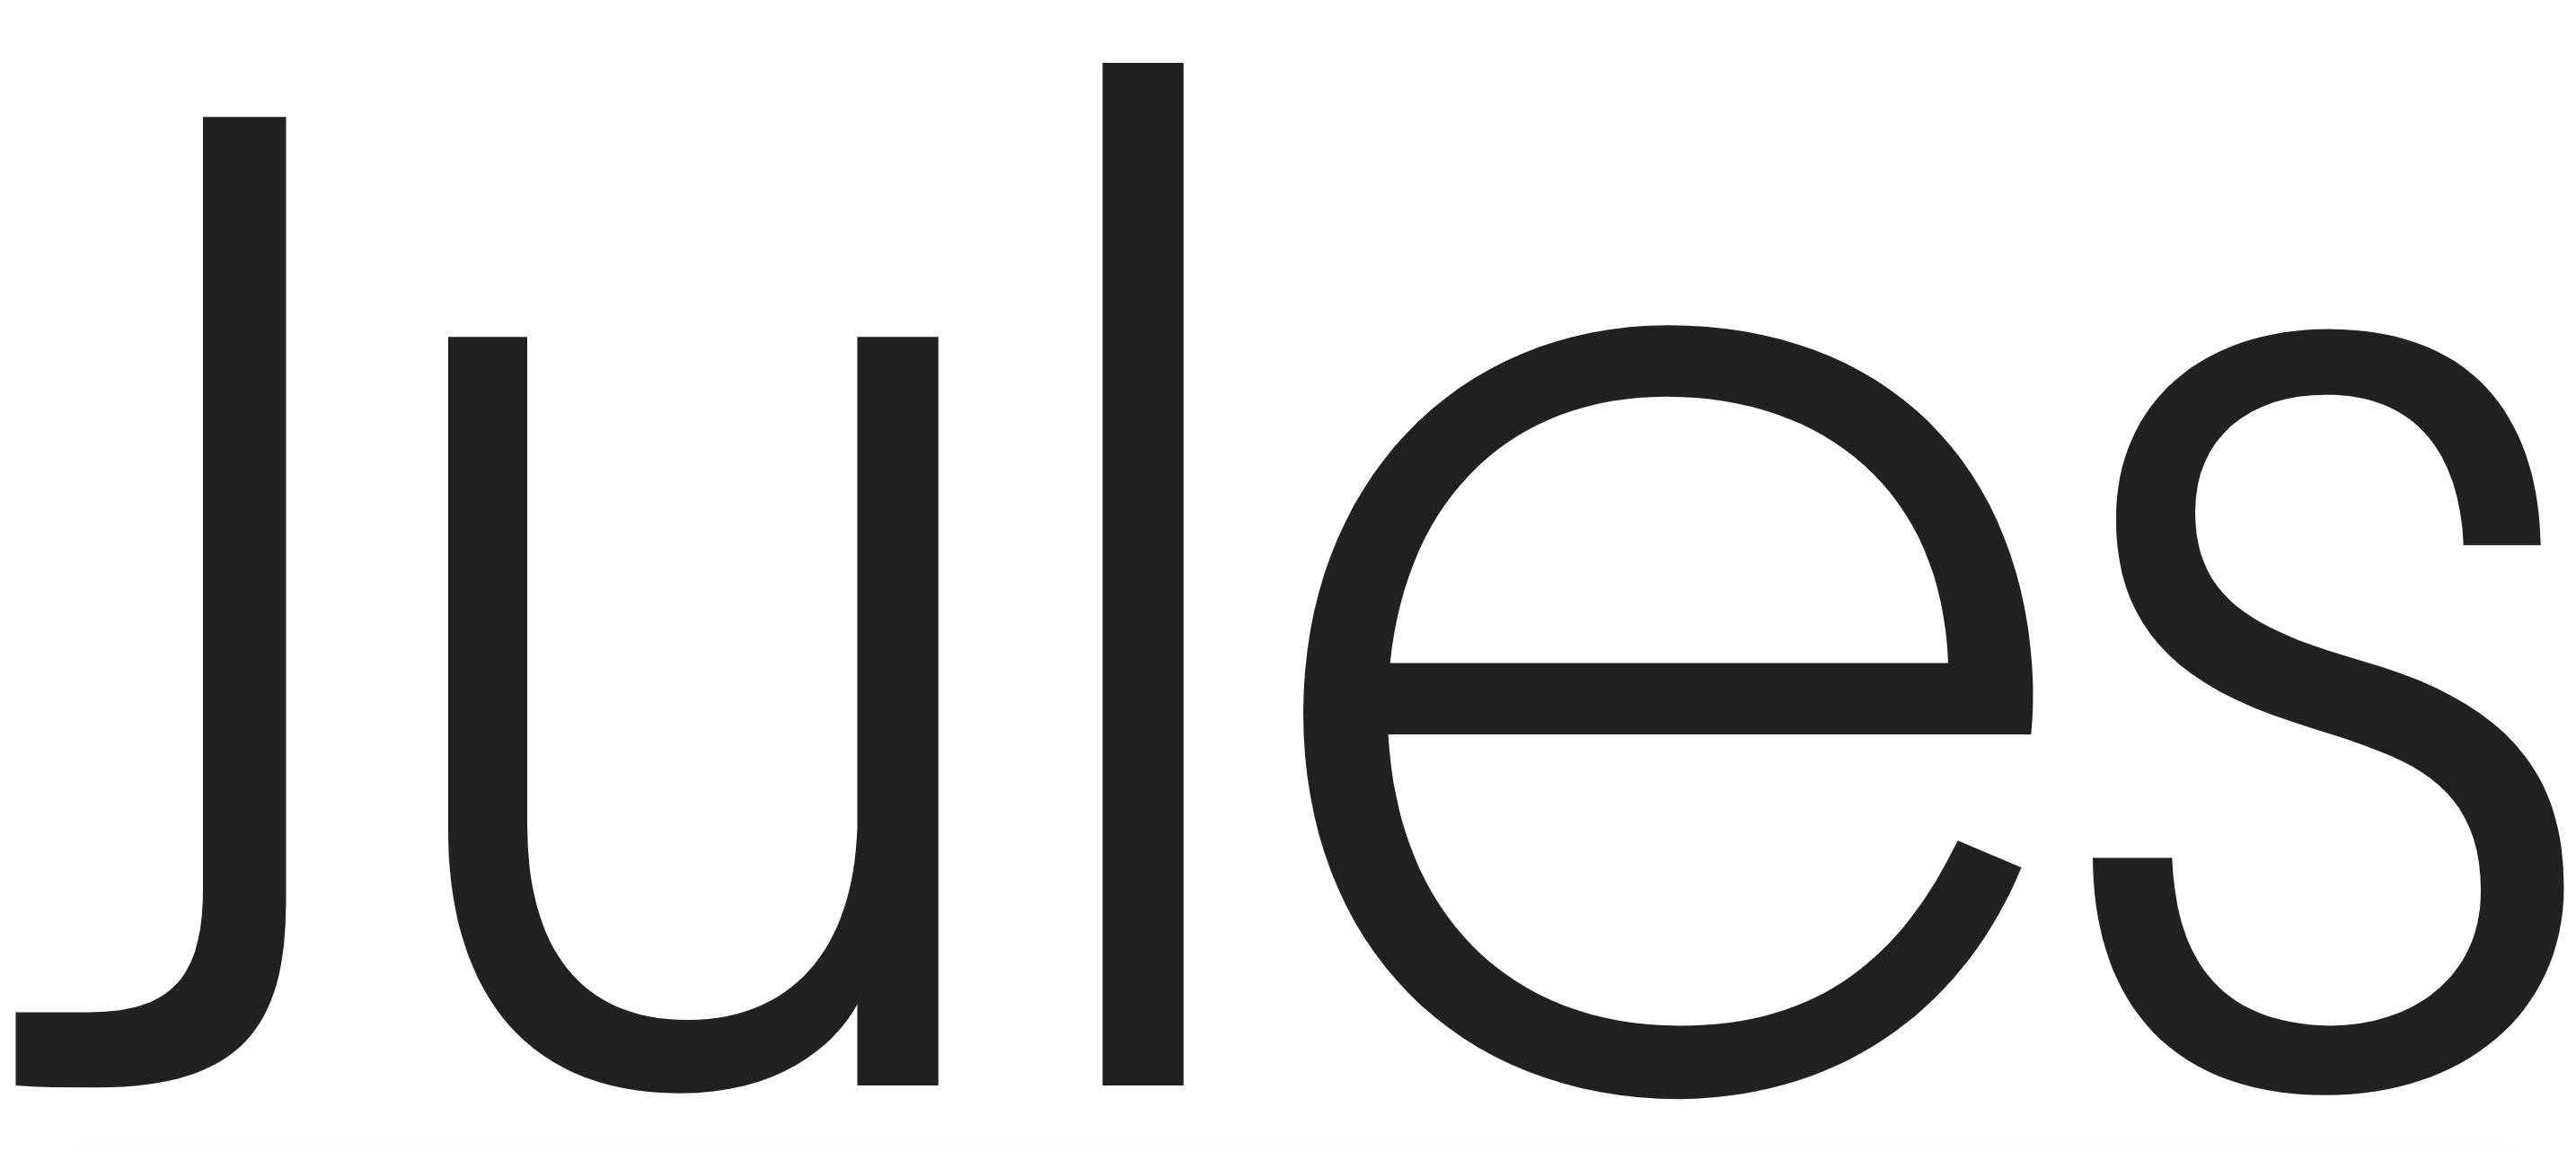 Code promo Jules : 50% de réduction sur le 2ème haut acheté (pull, chemise, polo ou t-shirt)